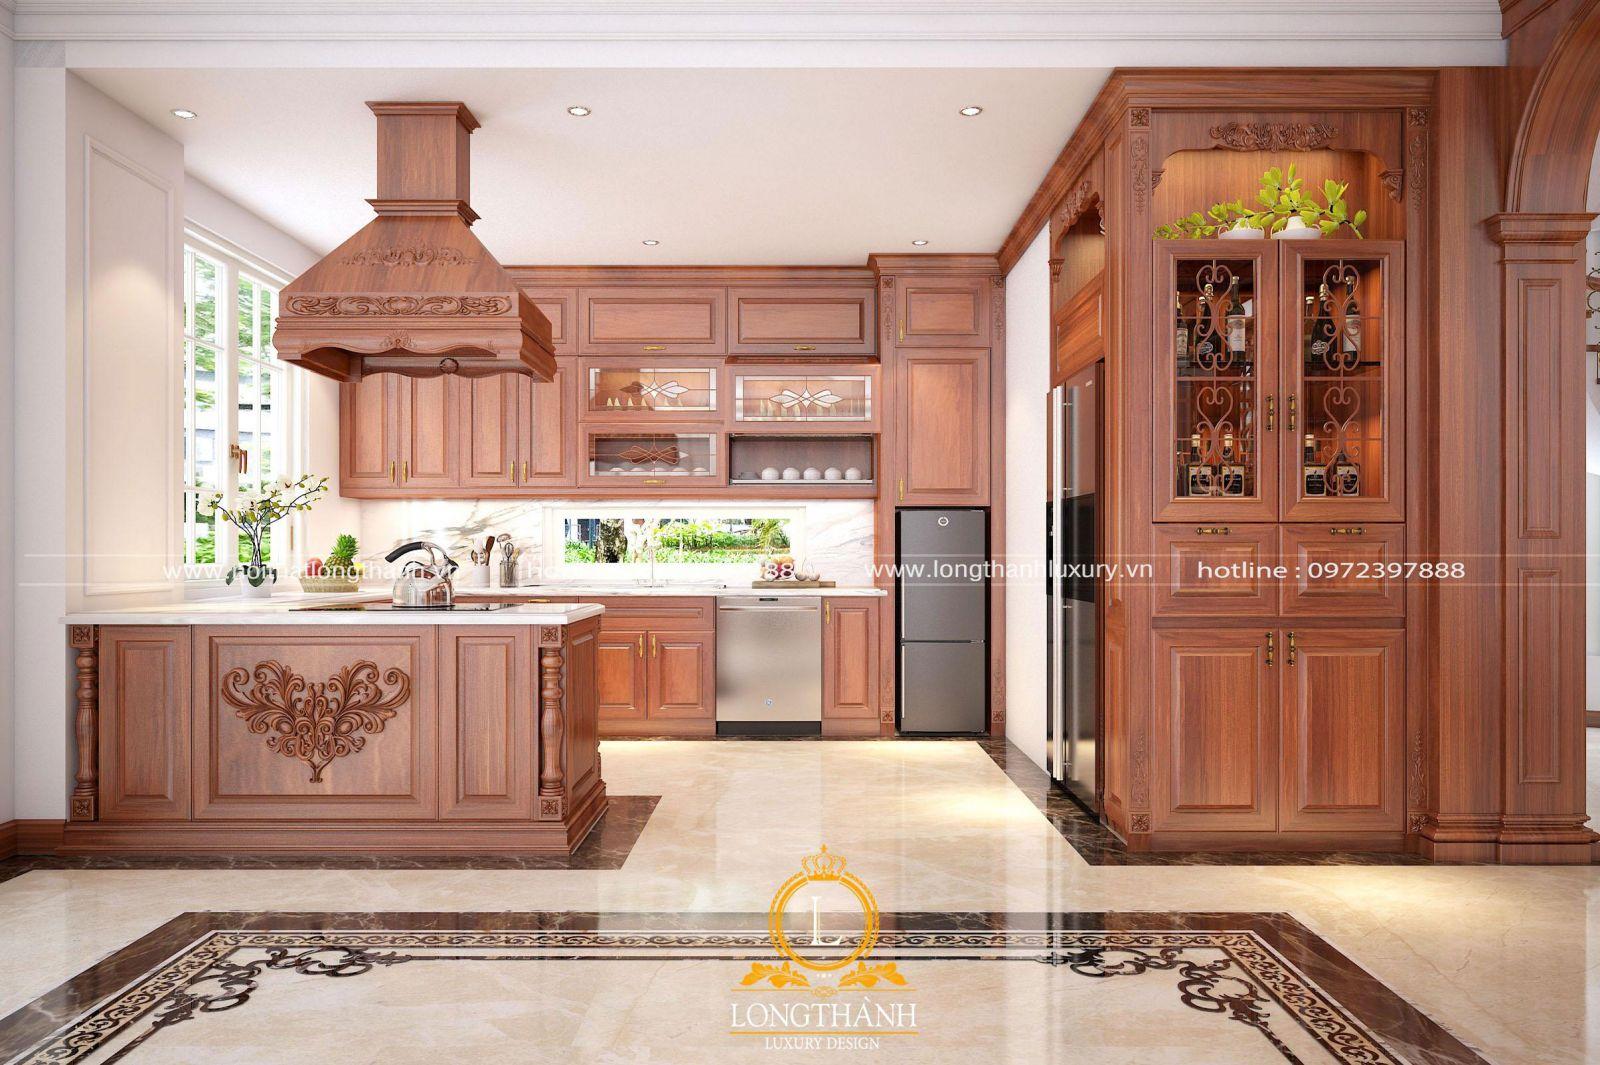 Tủ bếp gỗ sồi sơn đỏ đậm chất tân cổ điển